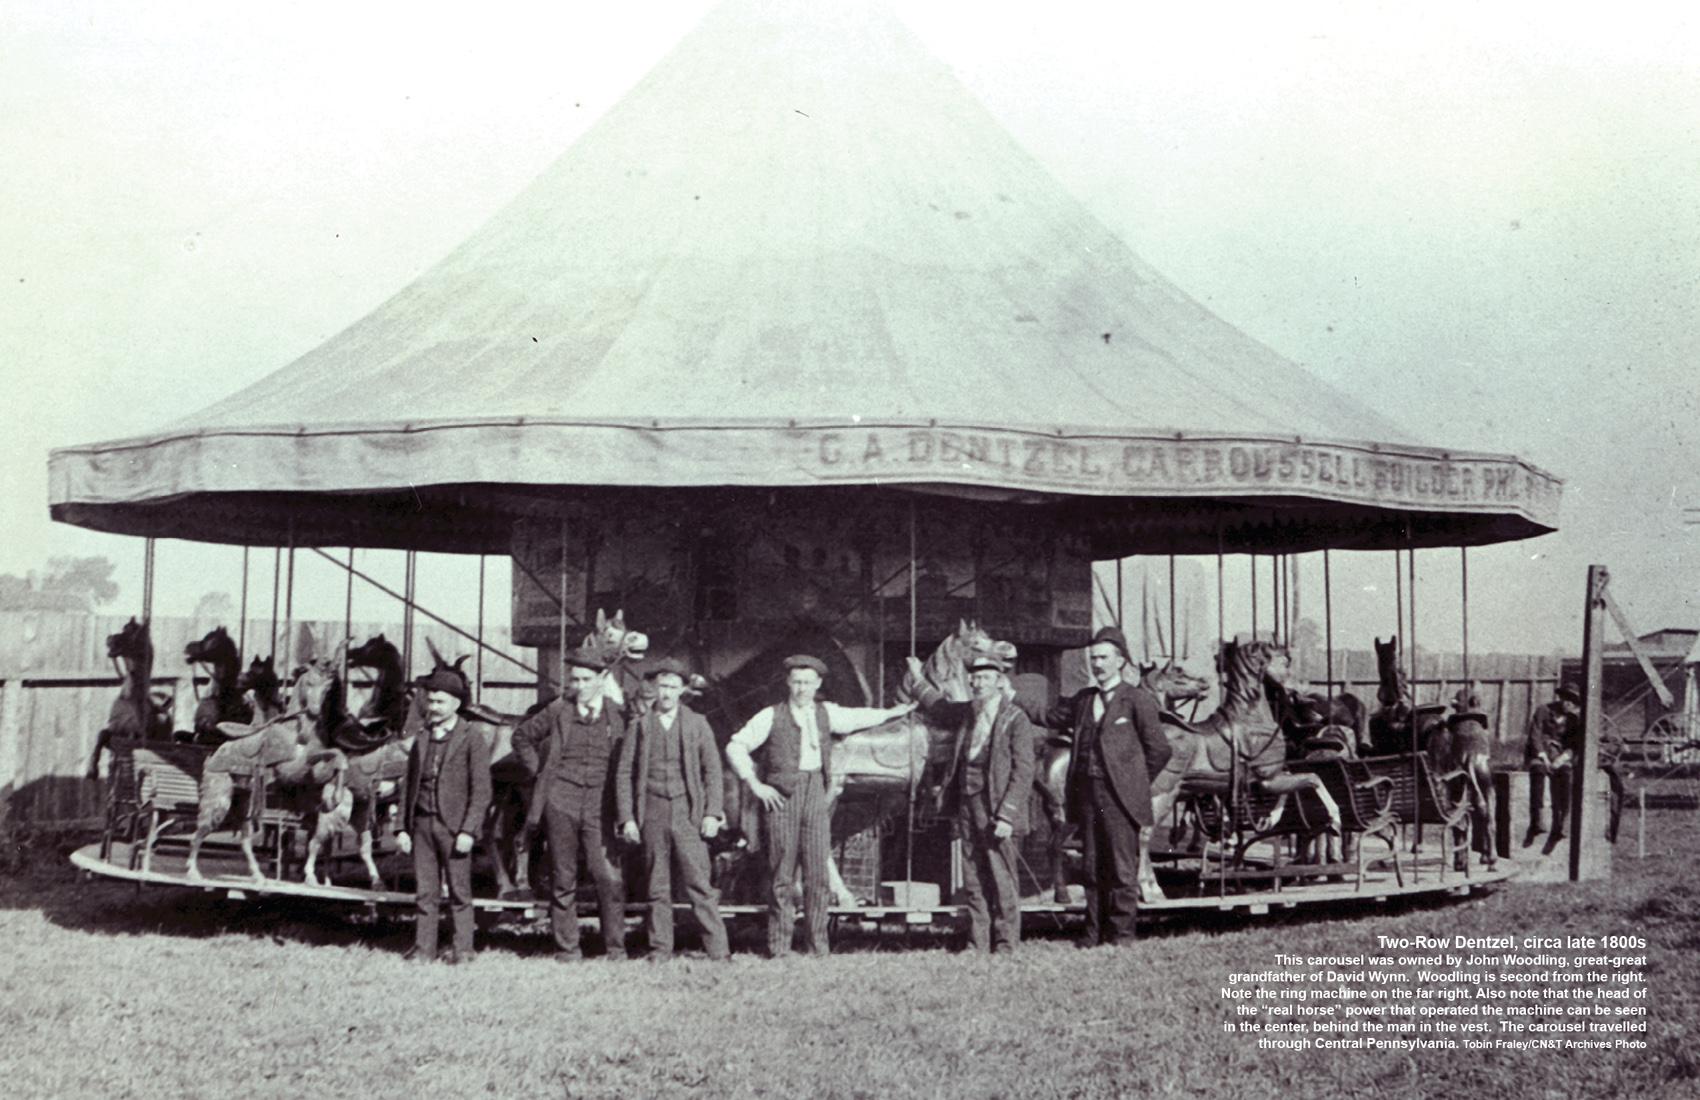 Ca-1890-Historic-Gustav-Dentzel-Co-carousel-CNT-center-NOV-08